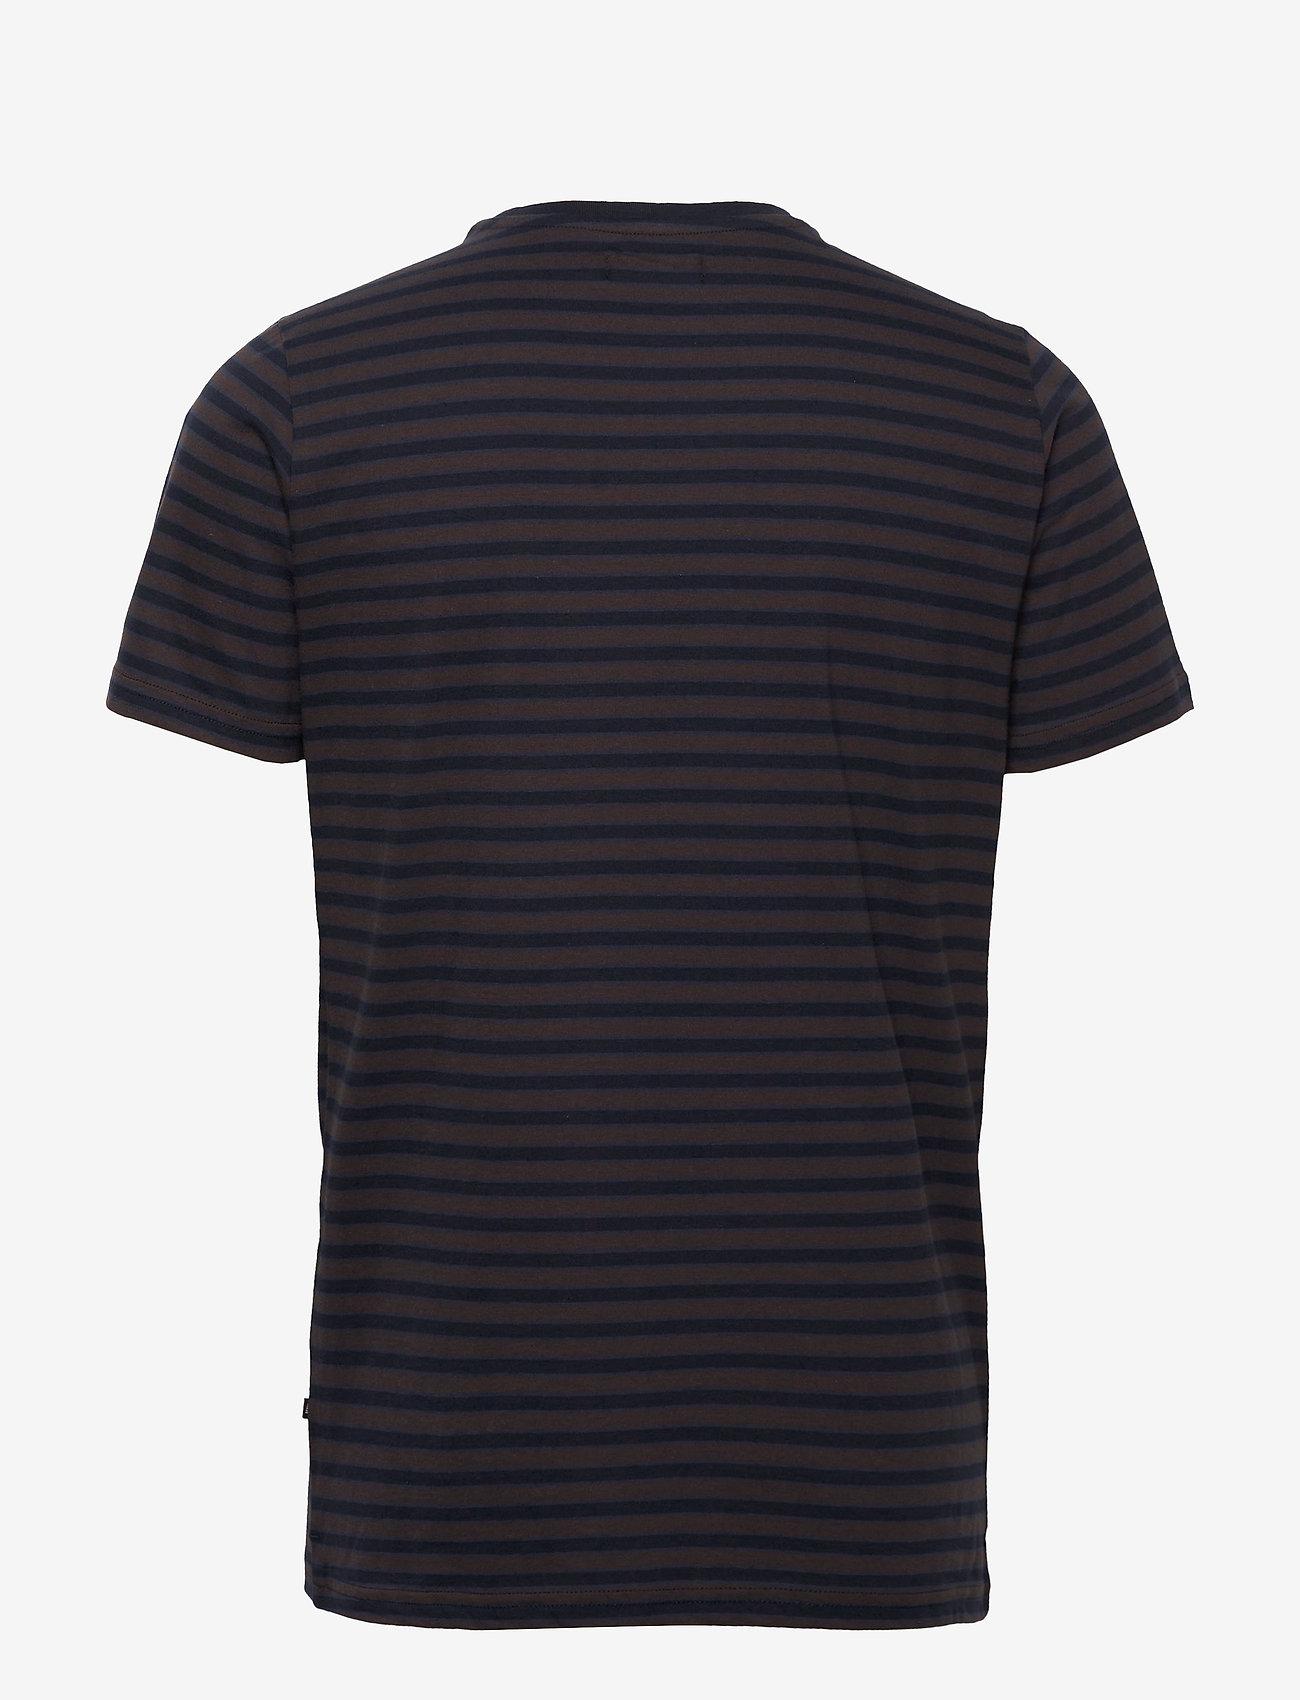 Matinique MAjermane- T-shirts ei3B7Cld Vs23I nJGQznye